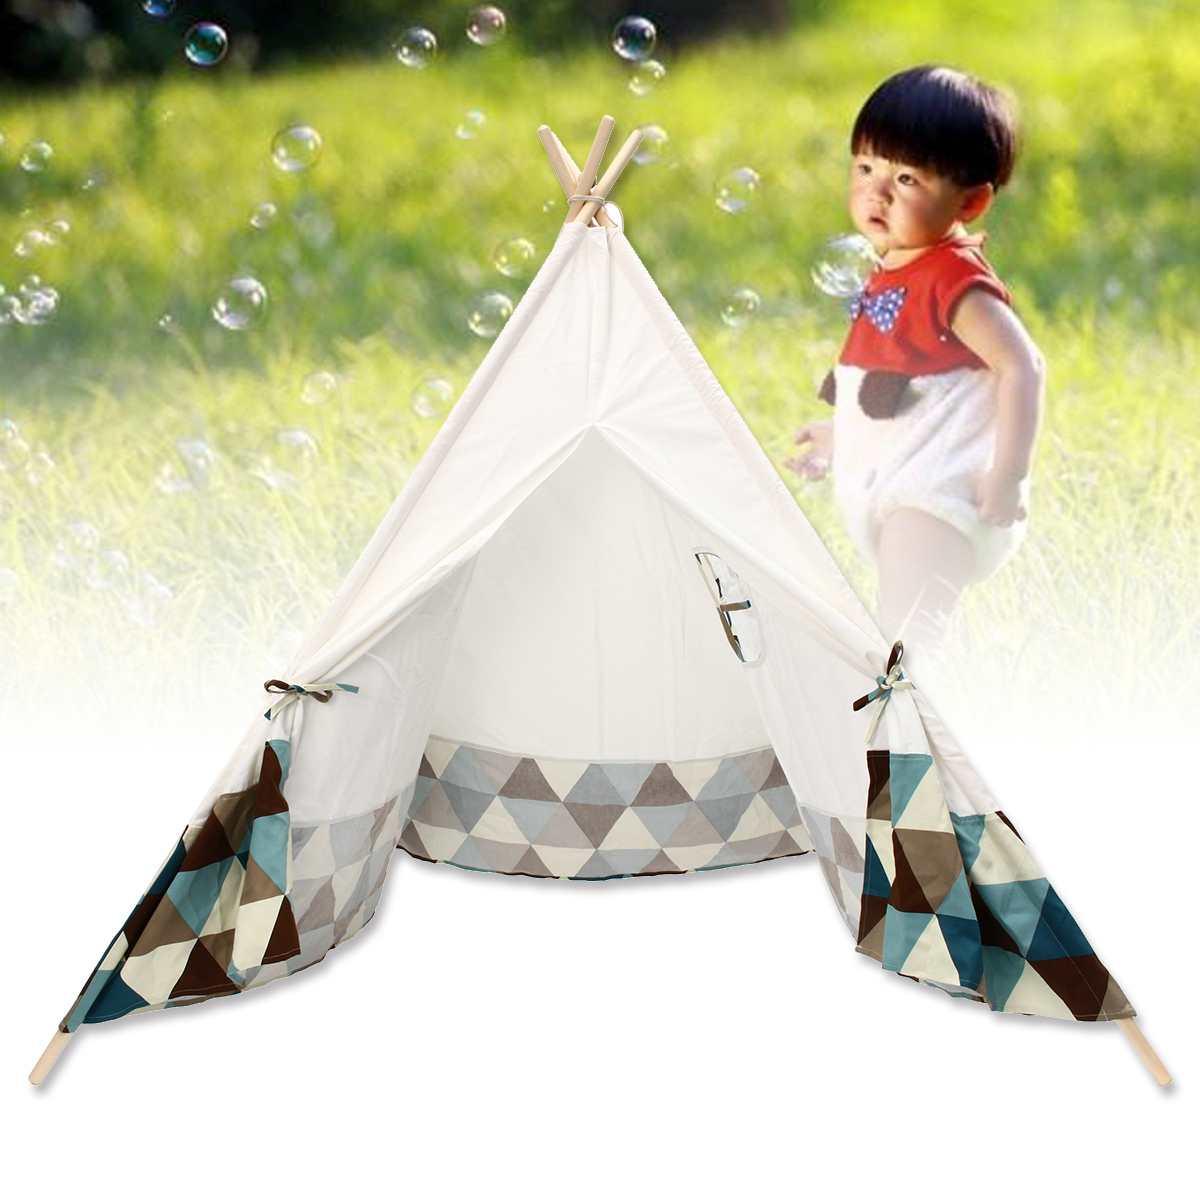 Enfants jouet tentes Portable enfants jouer tente coton toile Playhouse enfants dormir jouer tipi intérieur balle piscine cadeau playhomes